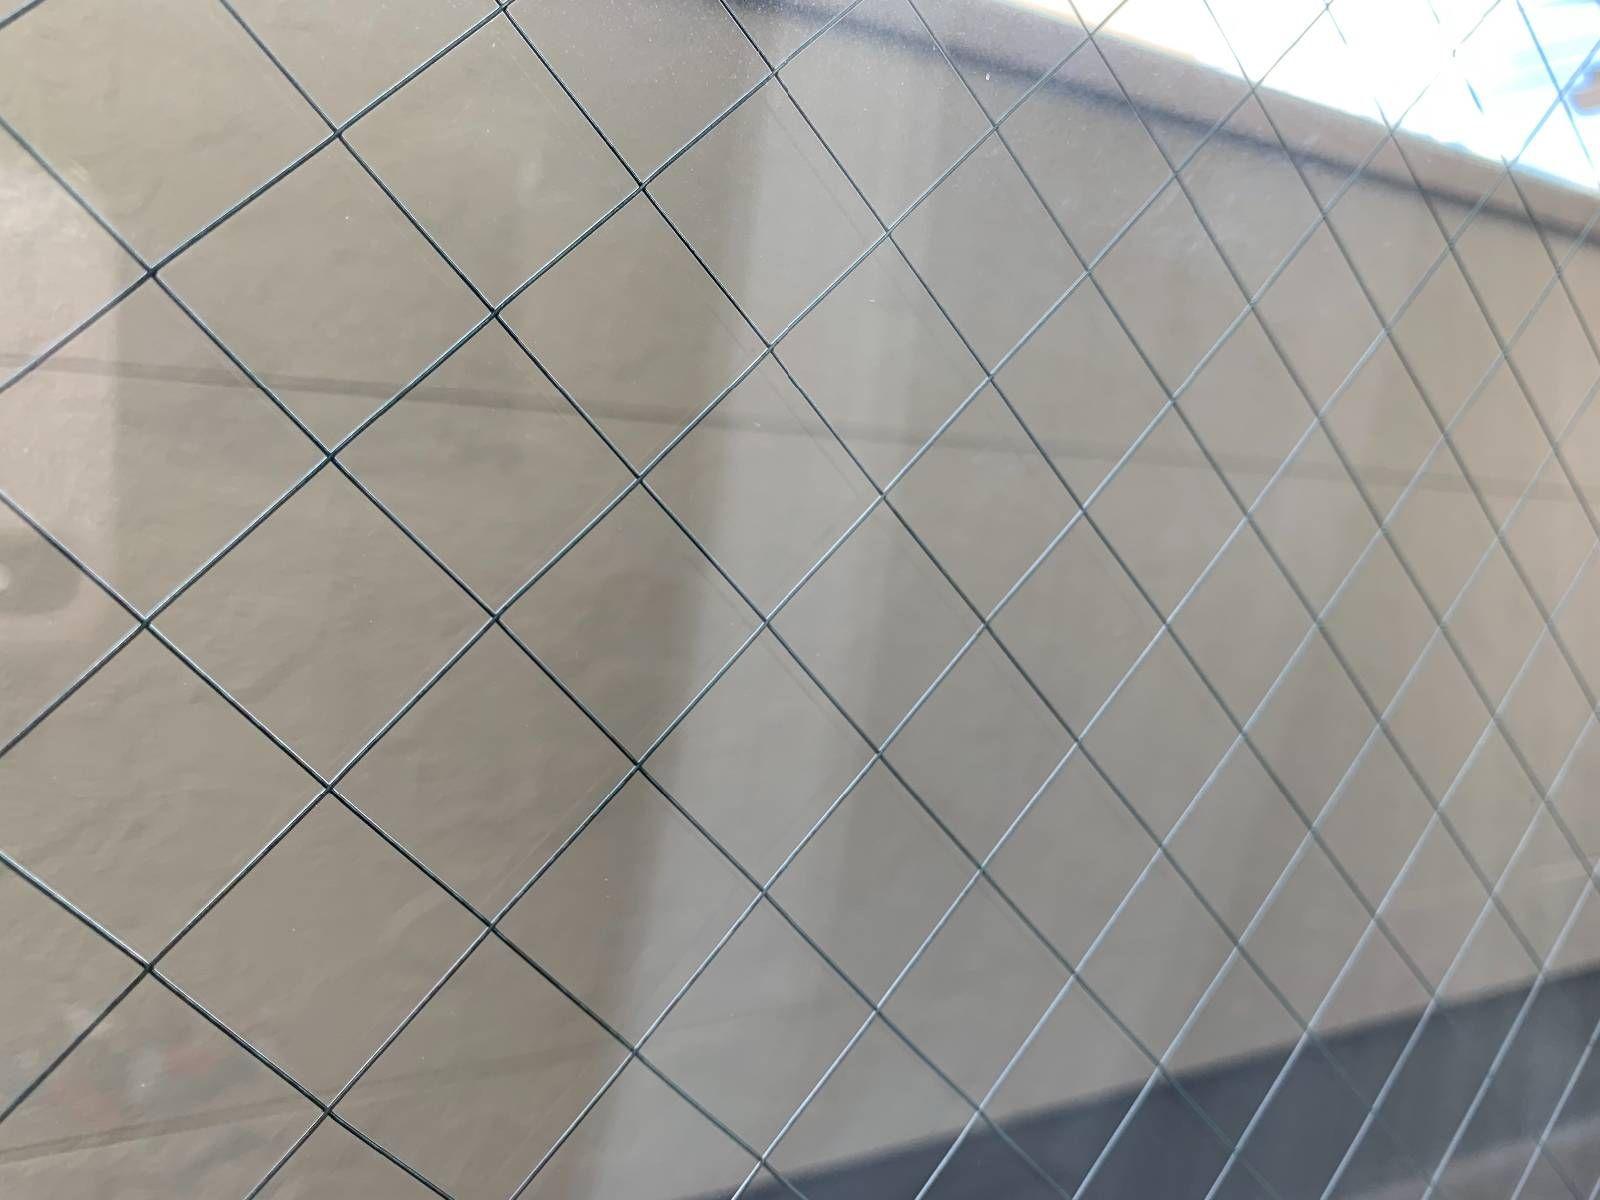 オキシクリーンで壁紙を掃除 フローリングもソファも リビングを丸ごときれいにする方法 オキシクリーン 壁紙 掃除 リビング 掃除